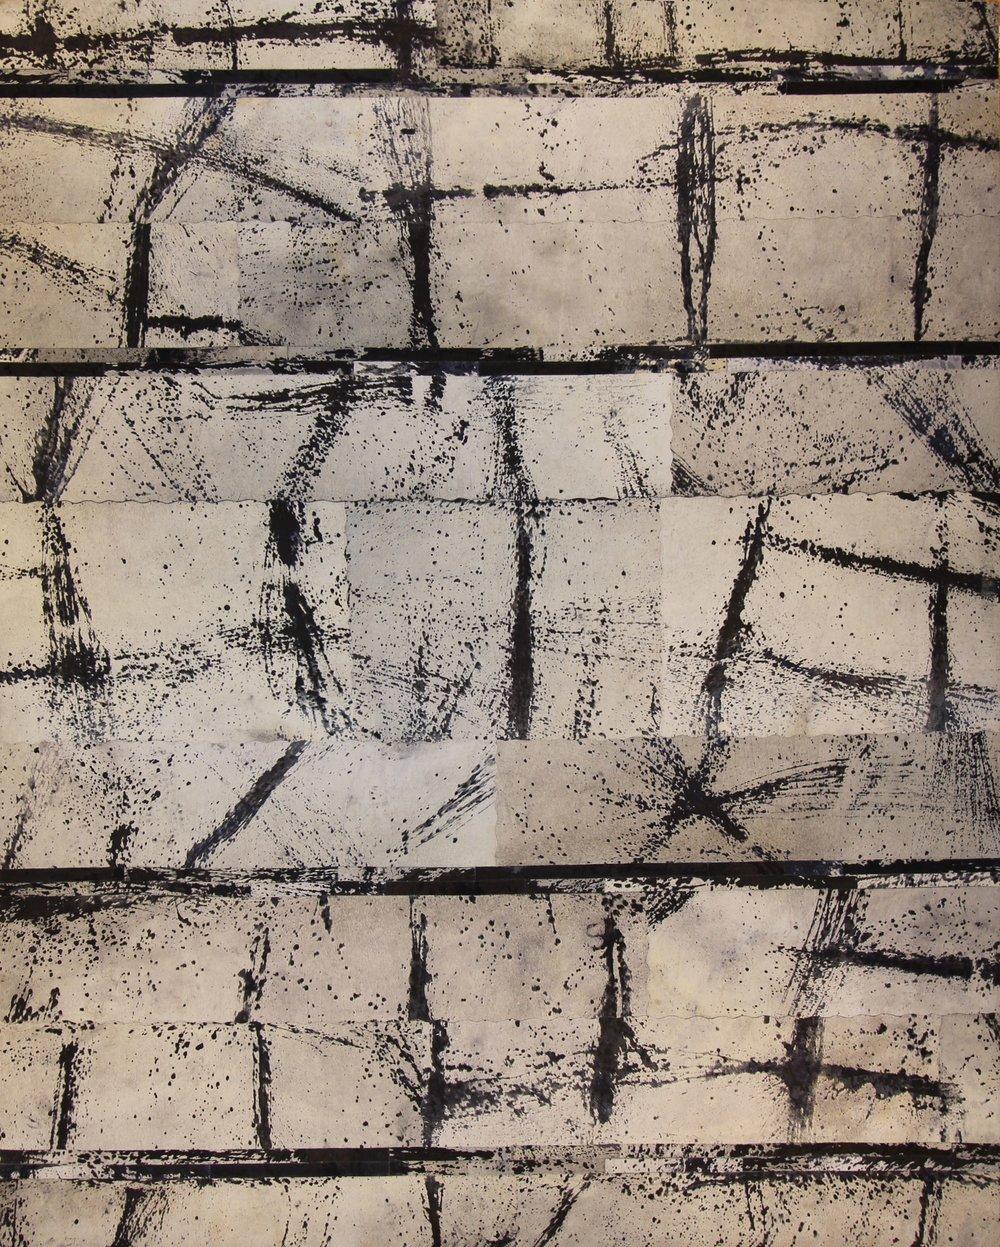 881 Acid Splat, Yerra, Argentina 8'x10'